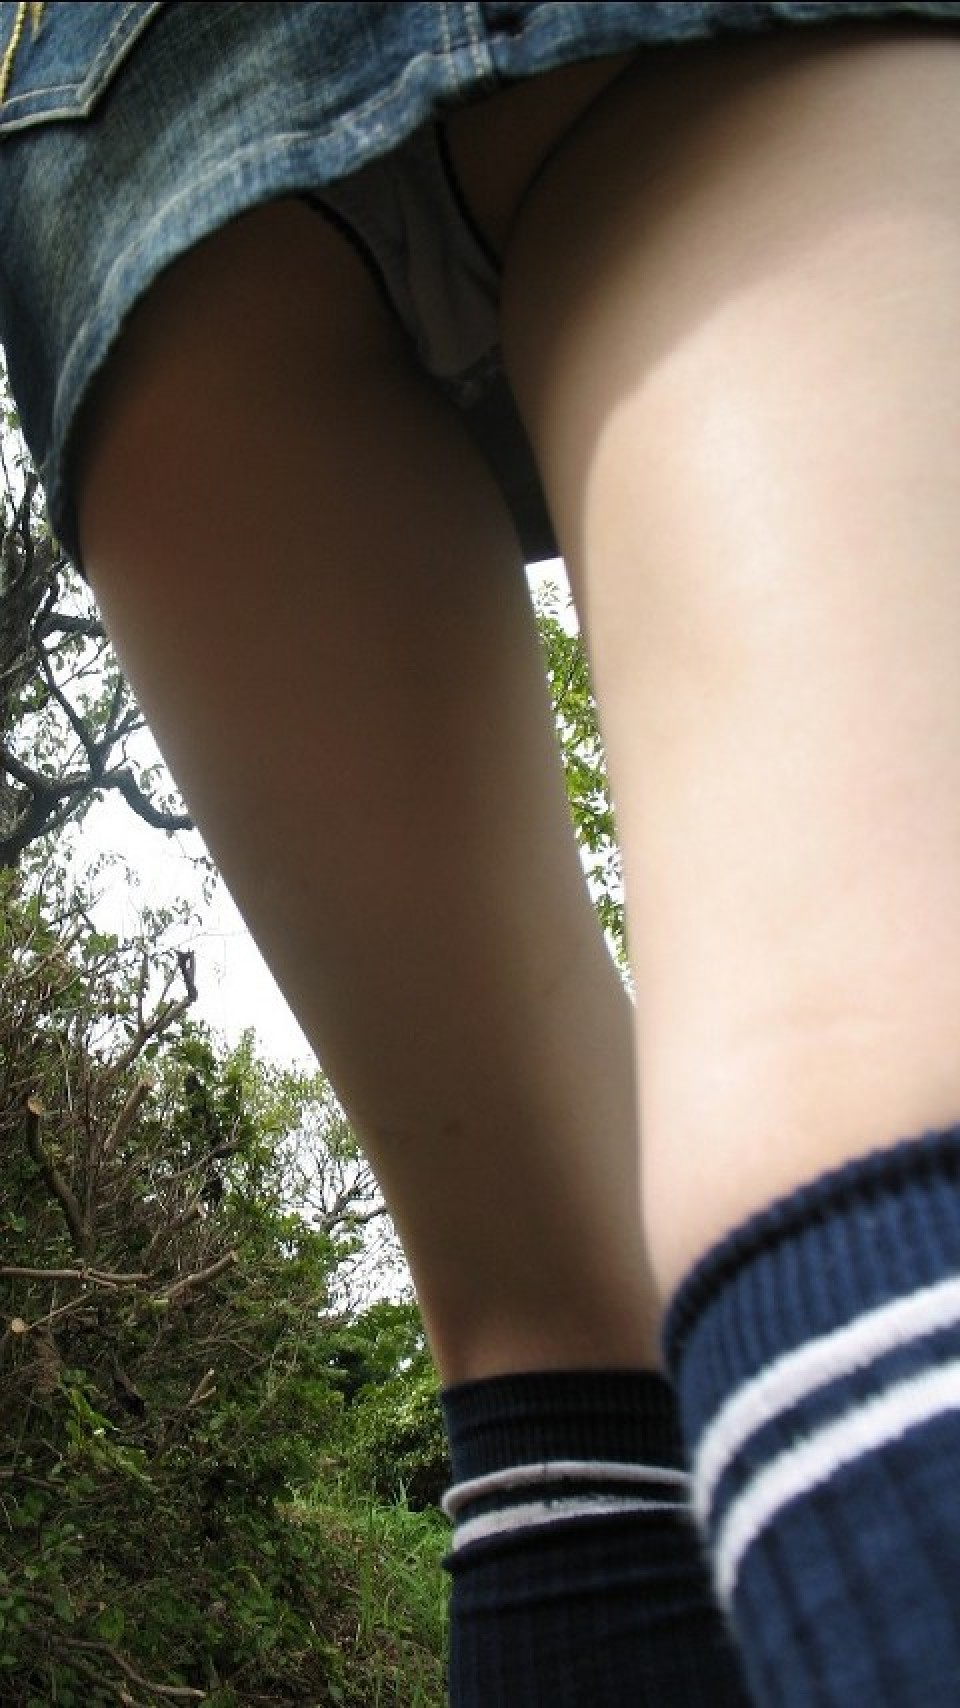 【パンチラエロ画像】脚に目あれば便利?全てはミニスカ下着を覗くため(;´Д`)